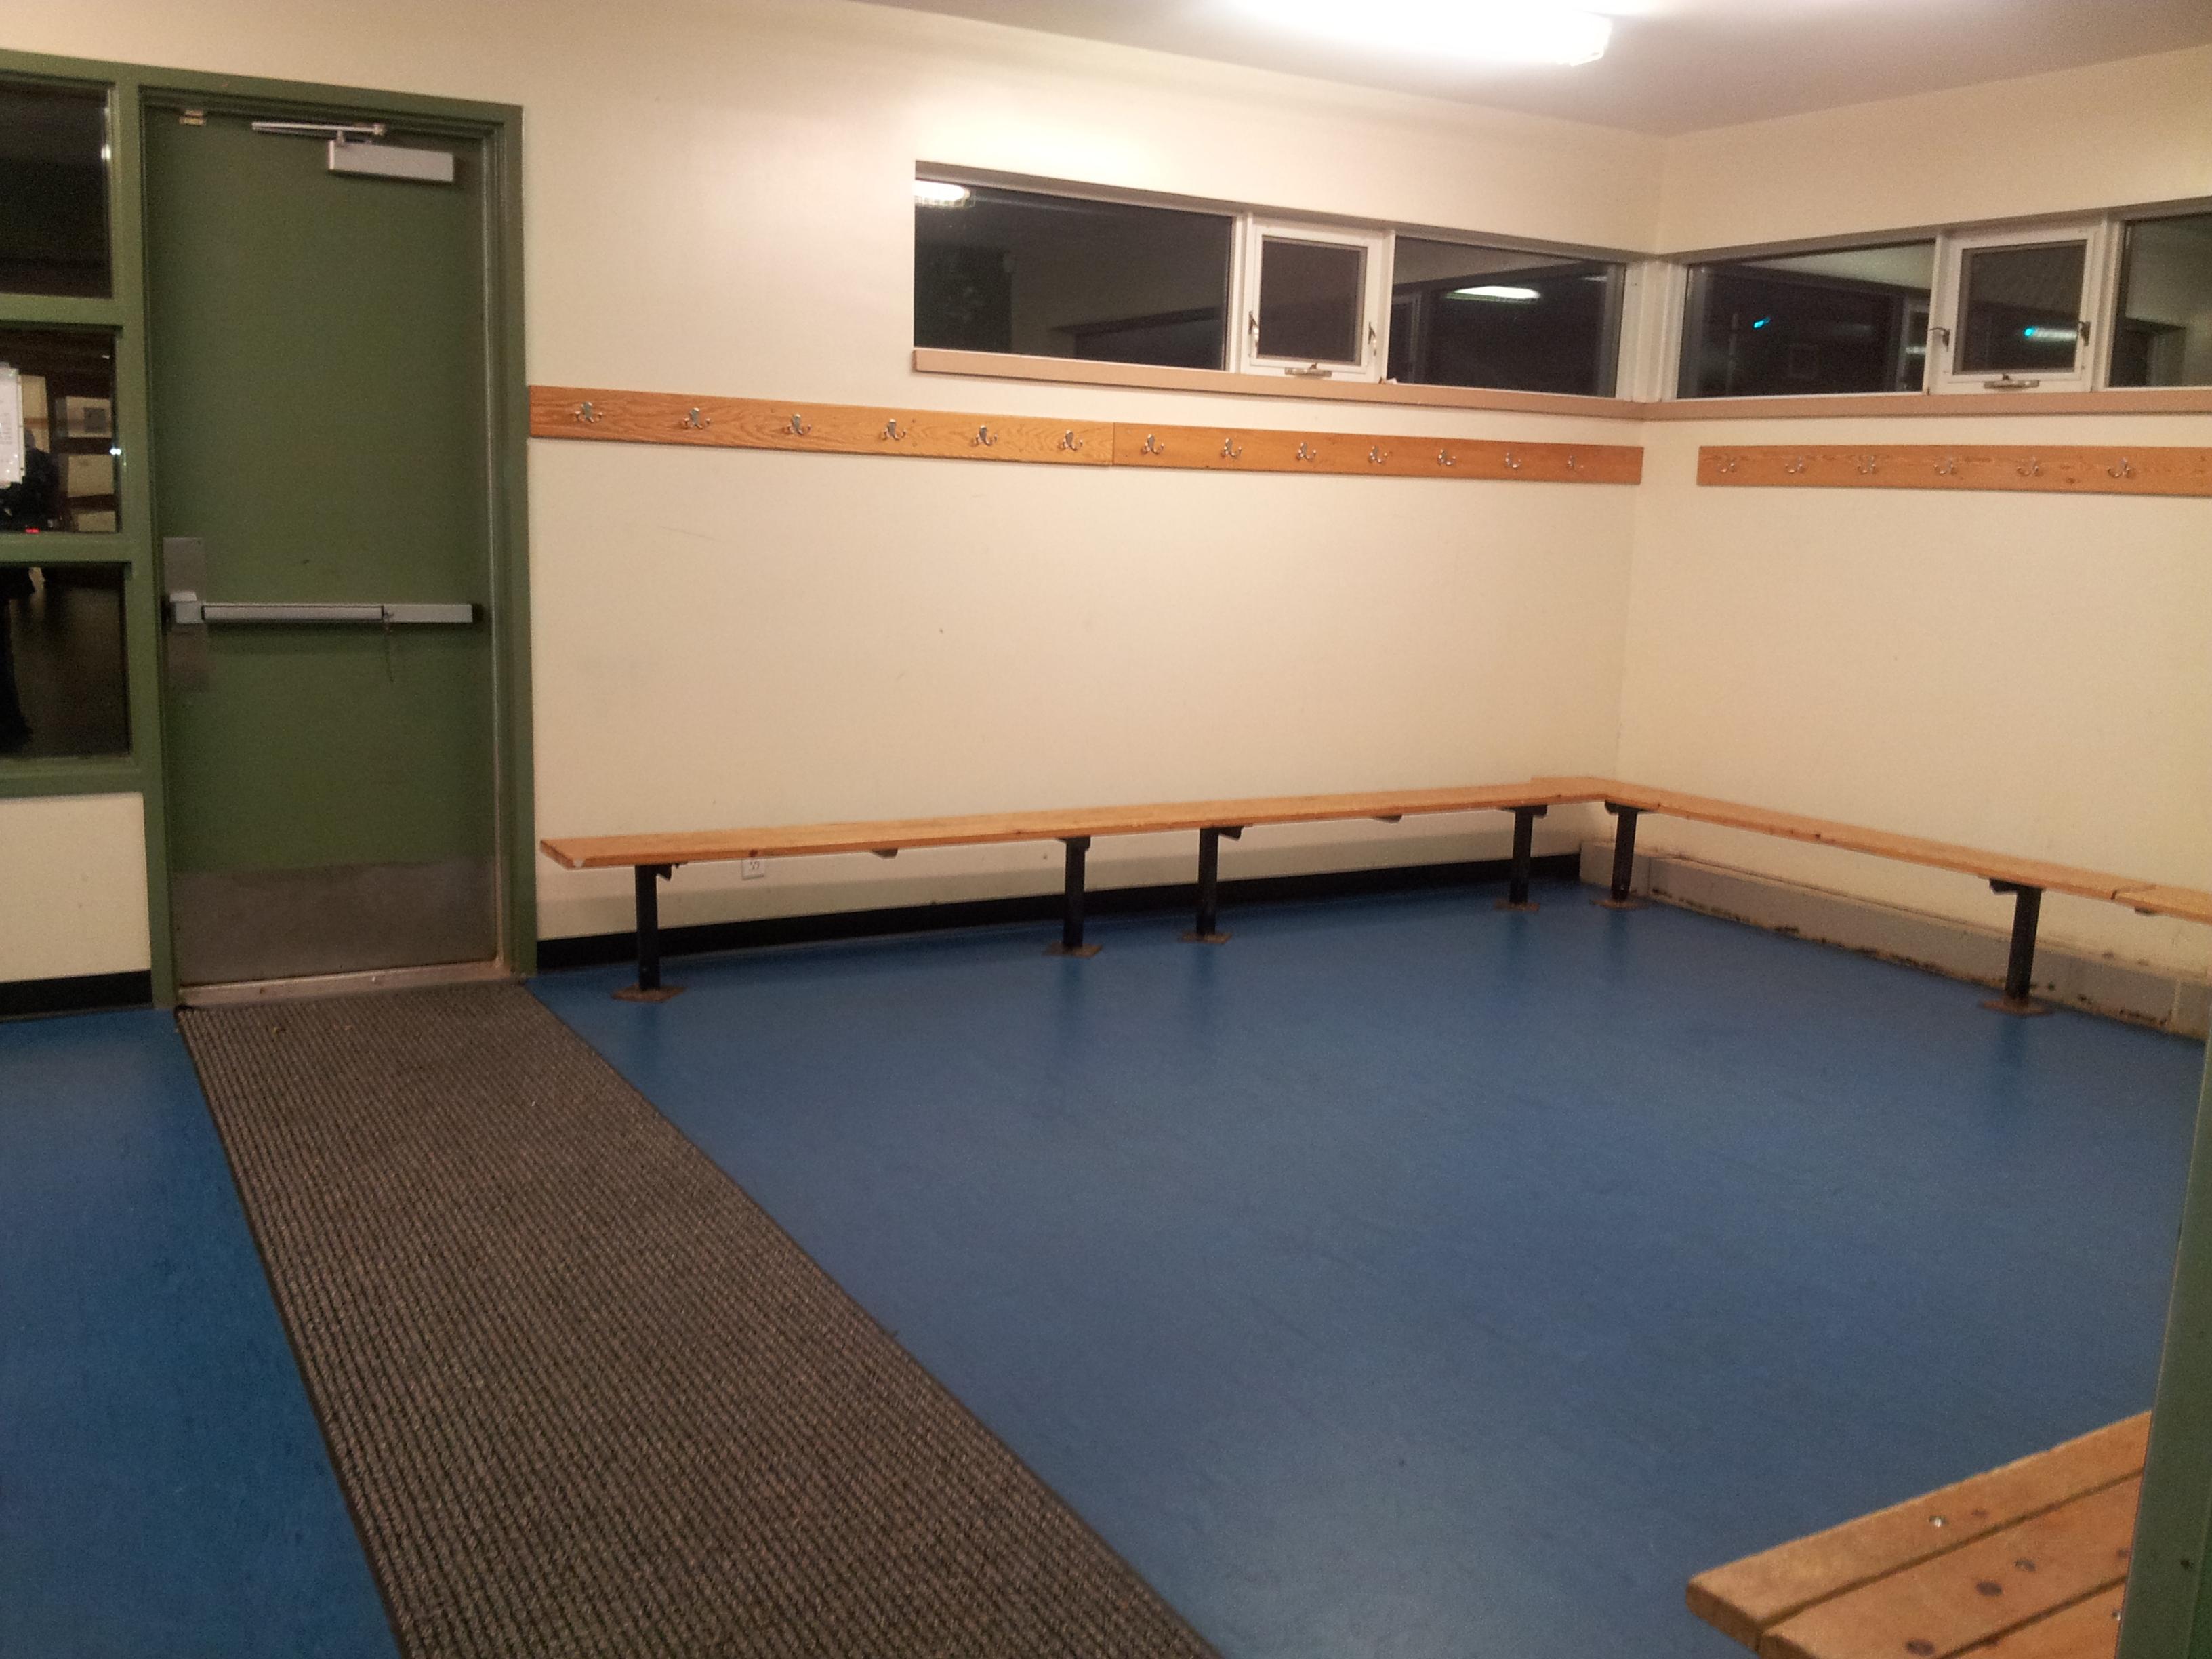 Skate room